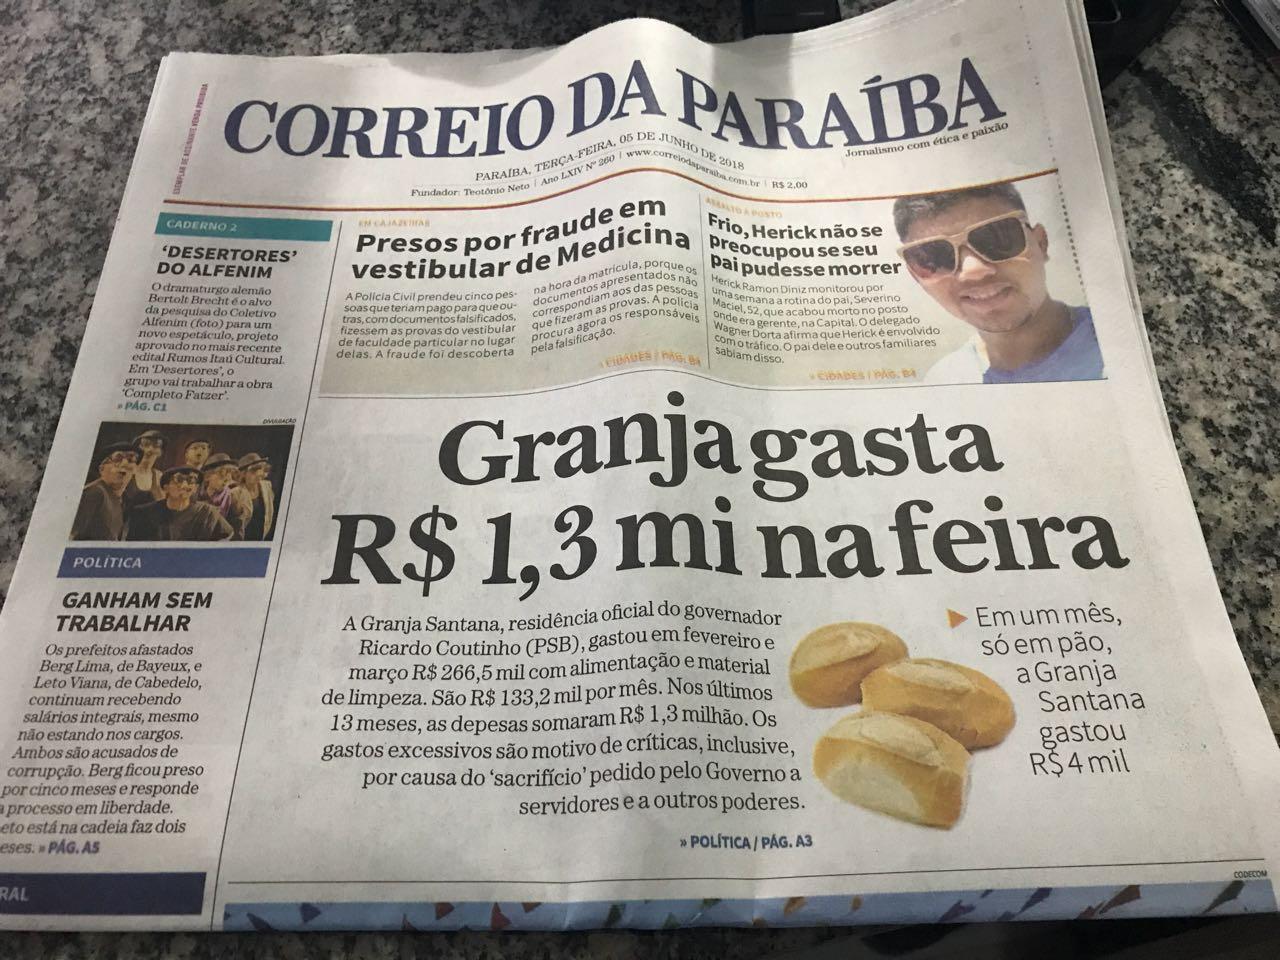 WhatsApp Image 2018 06 06 at 14.53.45 2 - ROBERTO JÁ ESCOLHEU UM LADO: Sistema Correio abre as 'baterias' contra o Governo Ricardo Coutinho